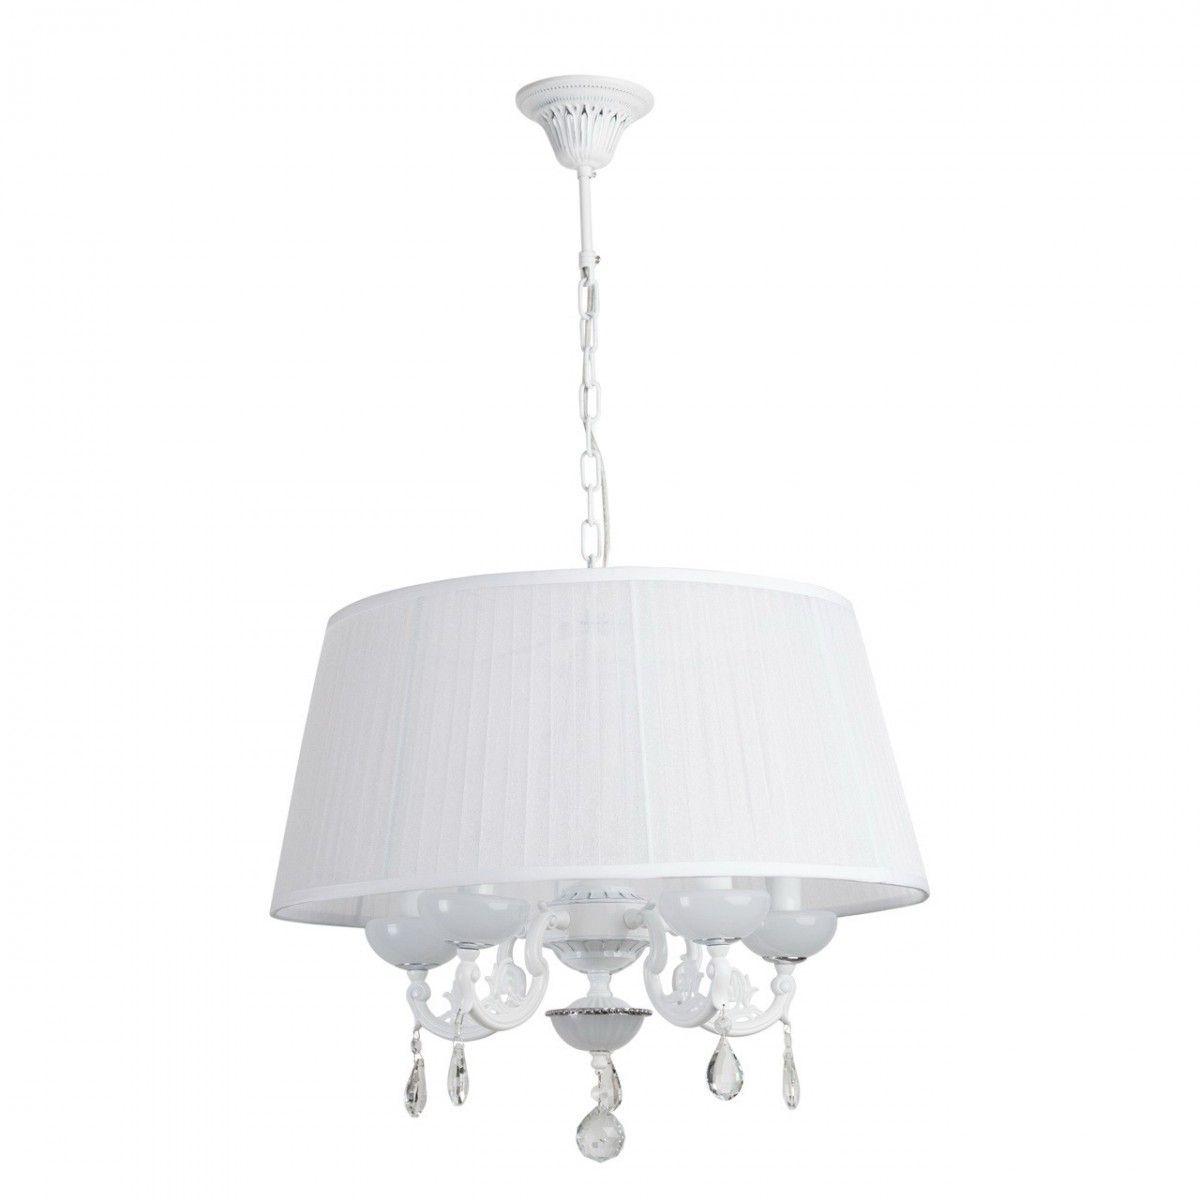 Great Deckenleuchte Elegance Style In Weiß / Chrom Mit Kristallen